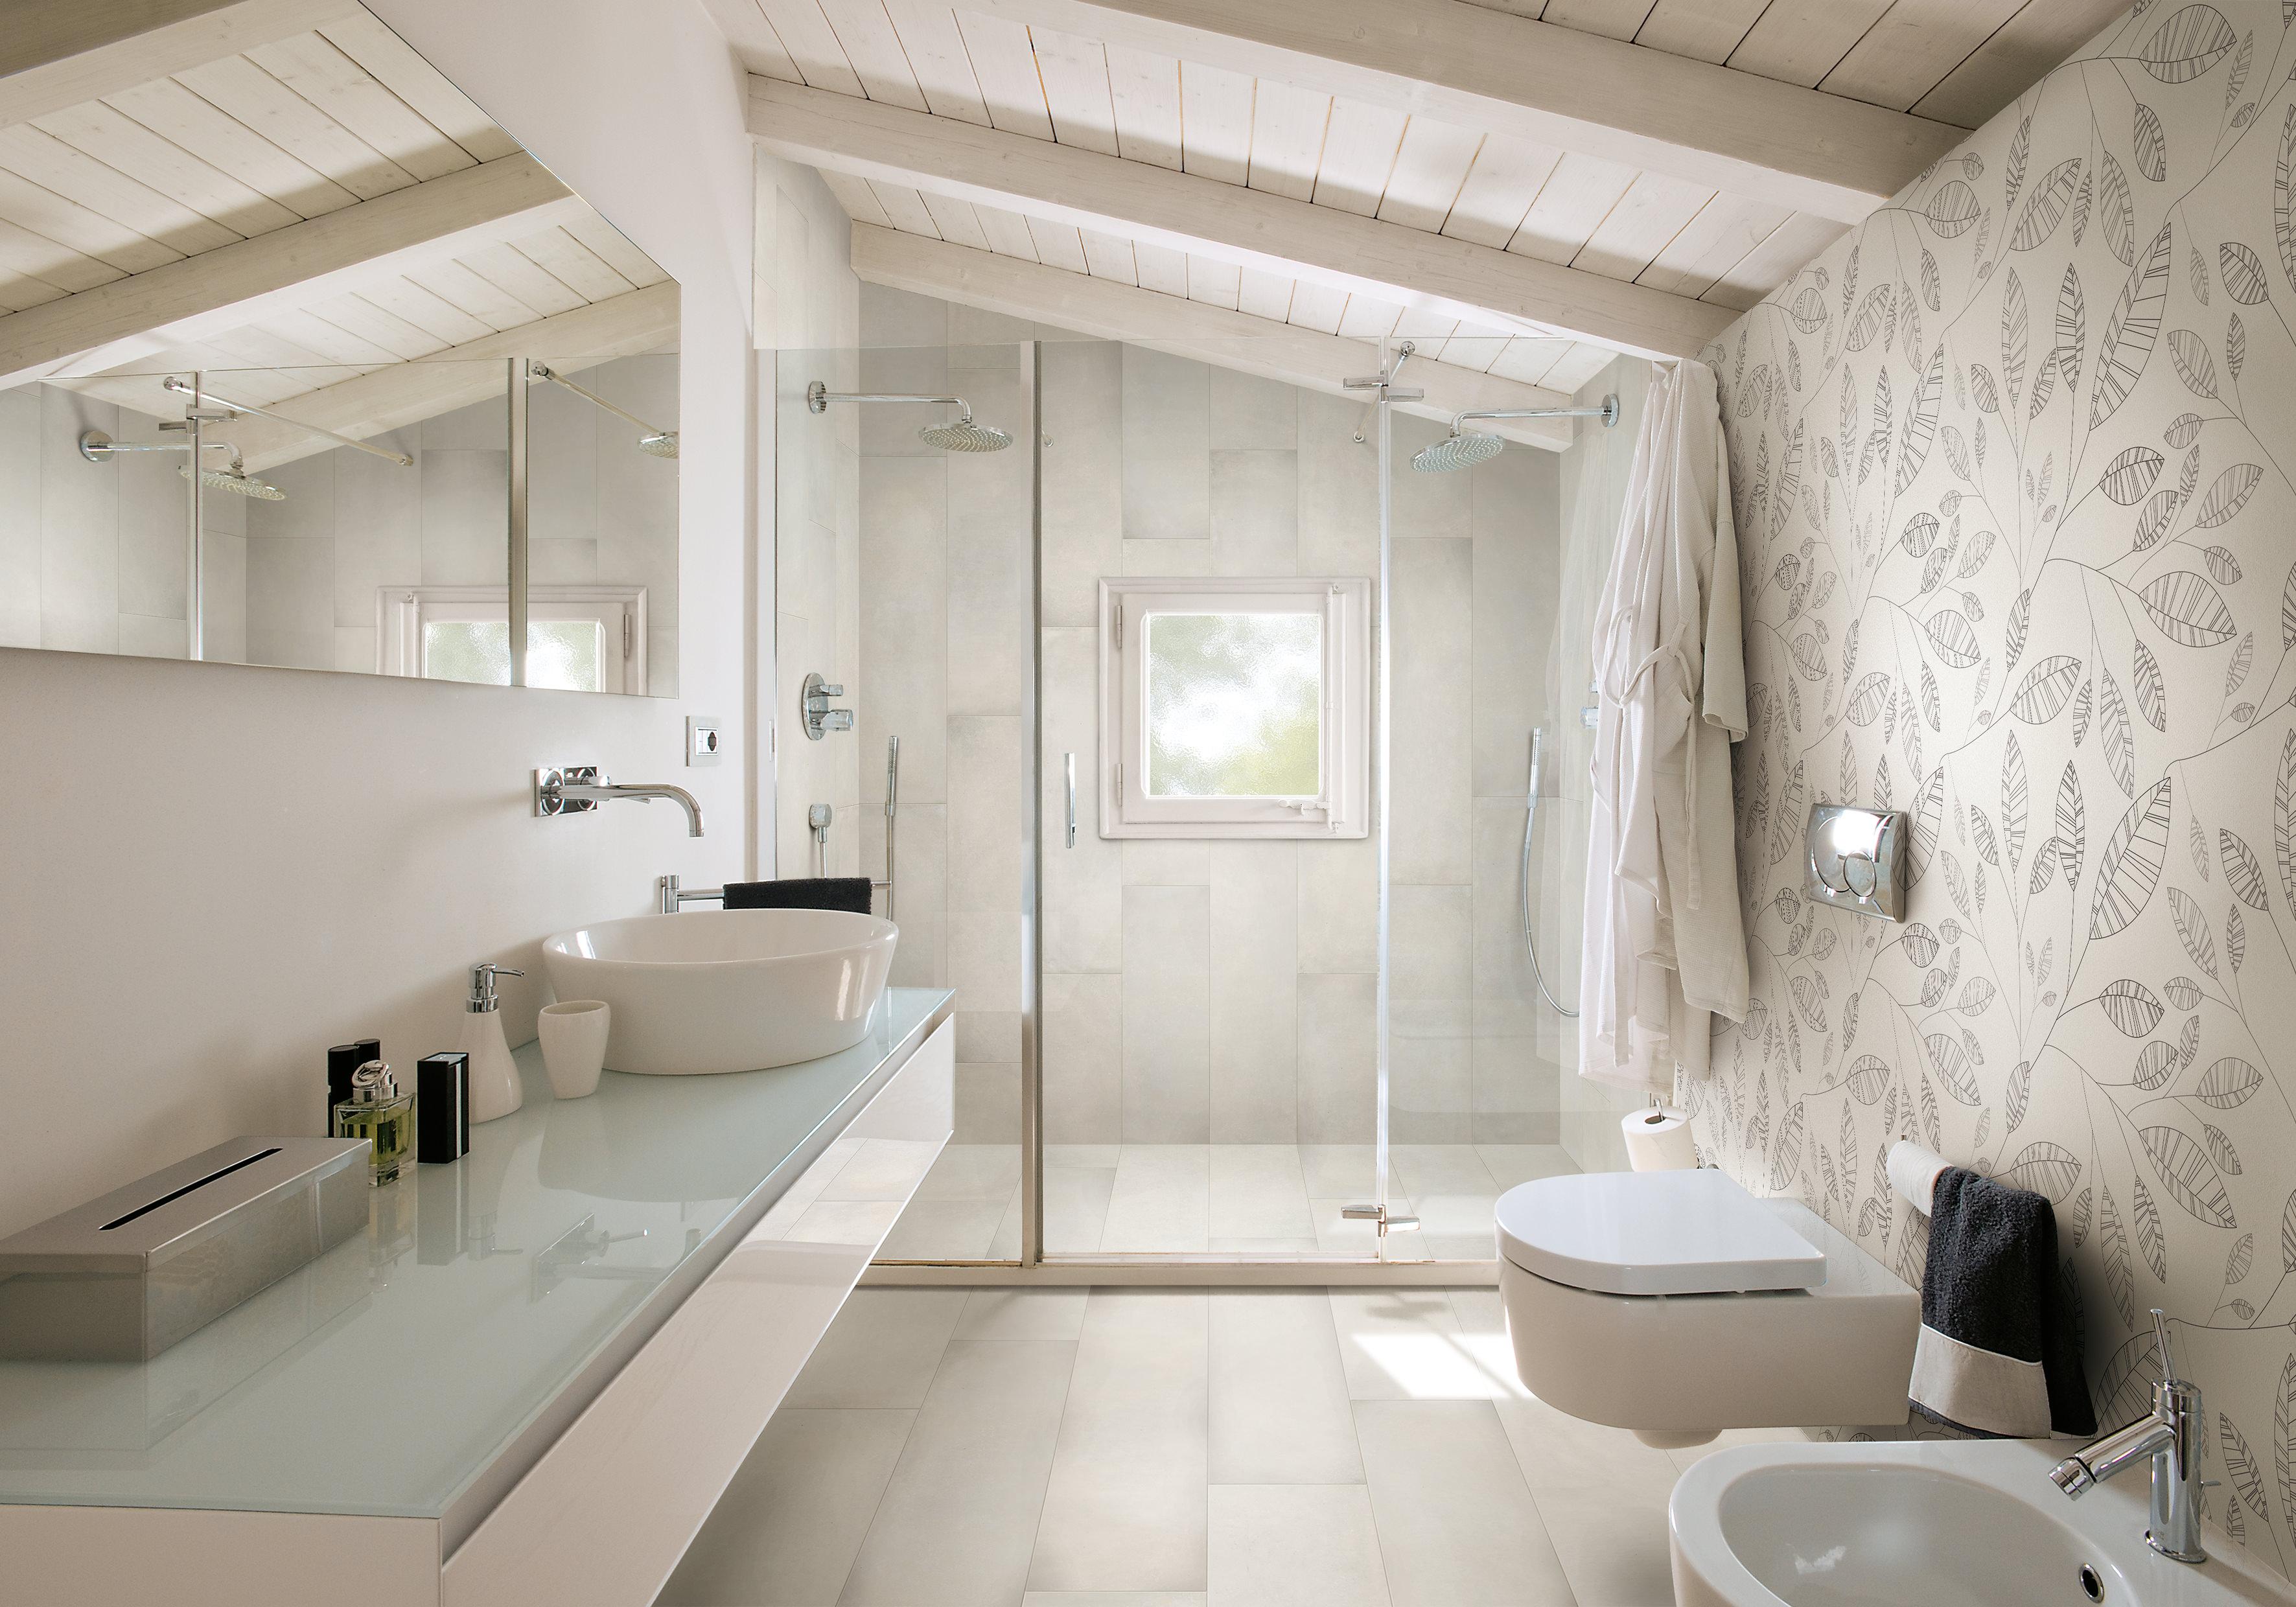 Vom schlauchbad zur wellnessoase franke raumwert for Badezimmer neuheiten 2016